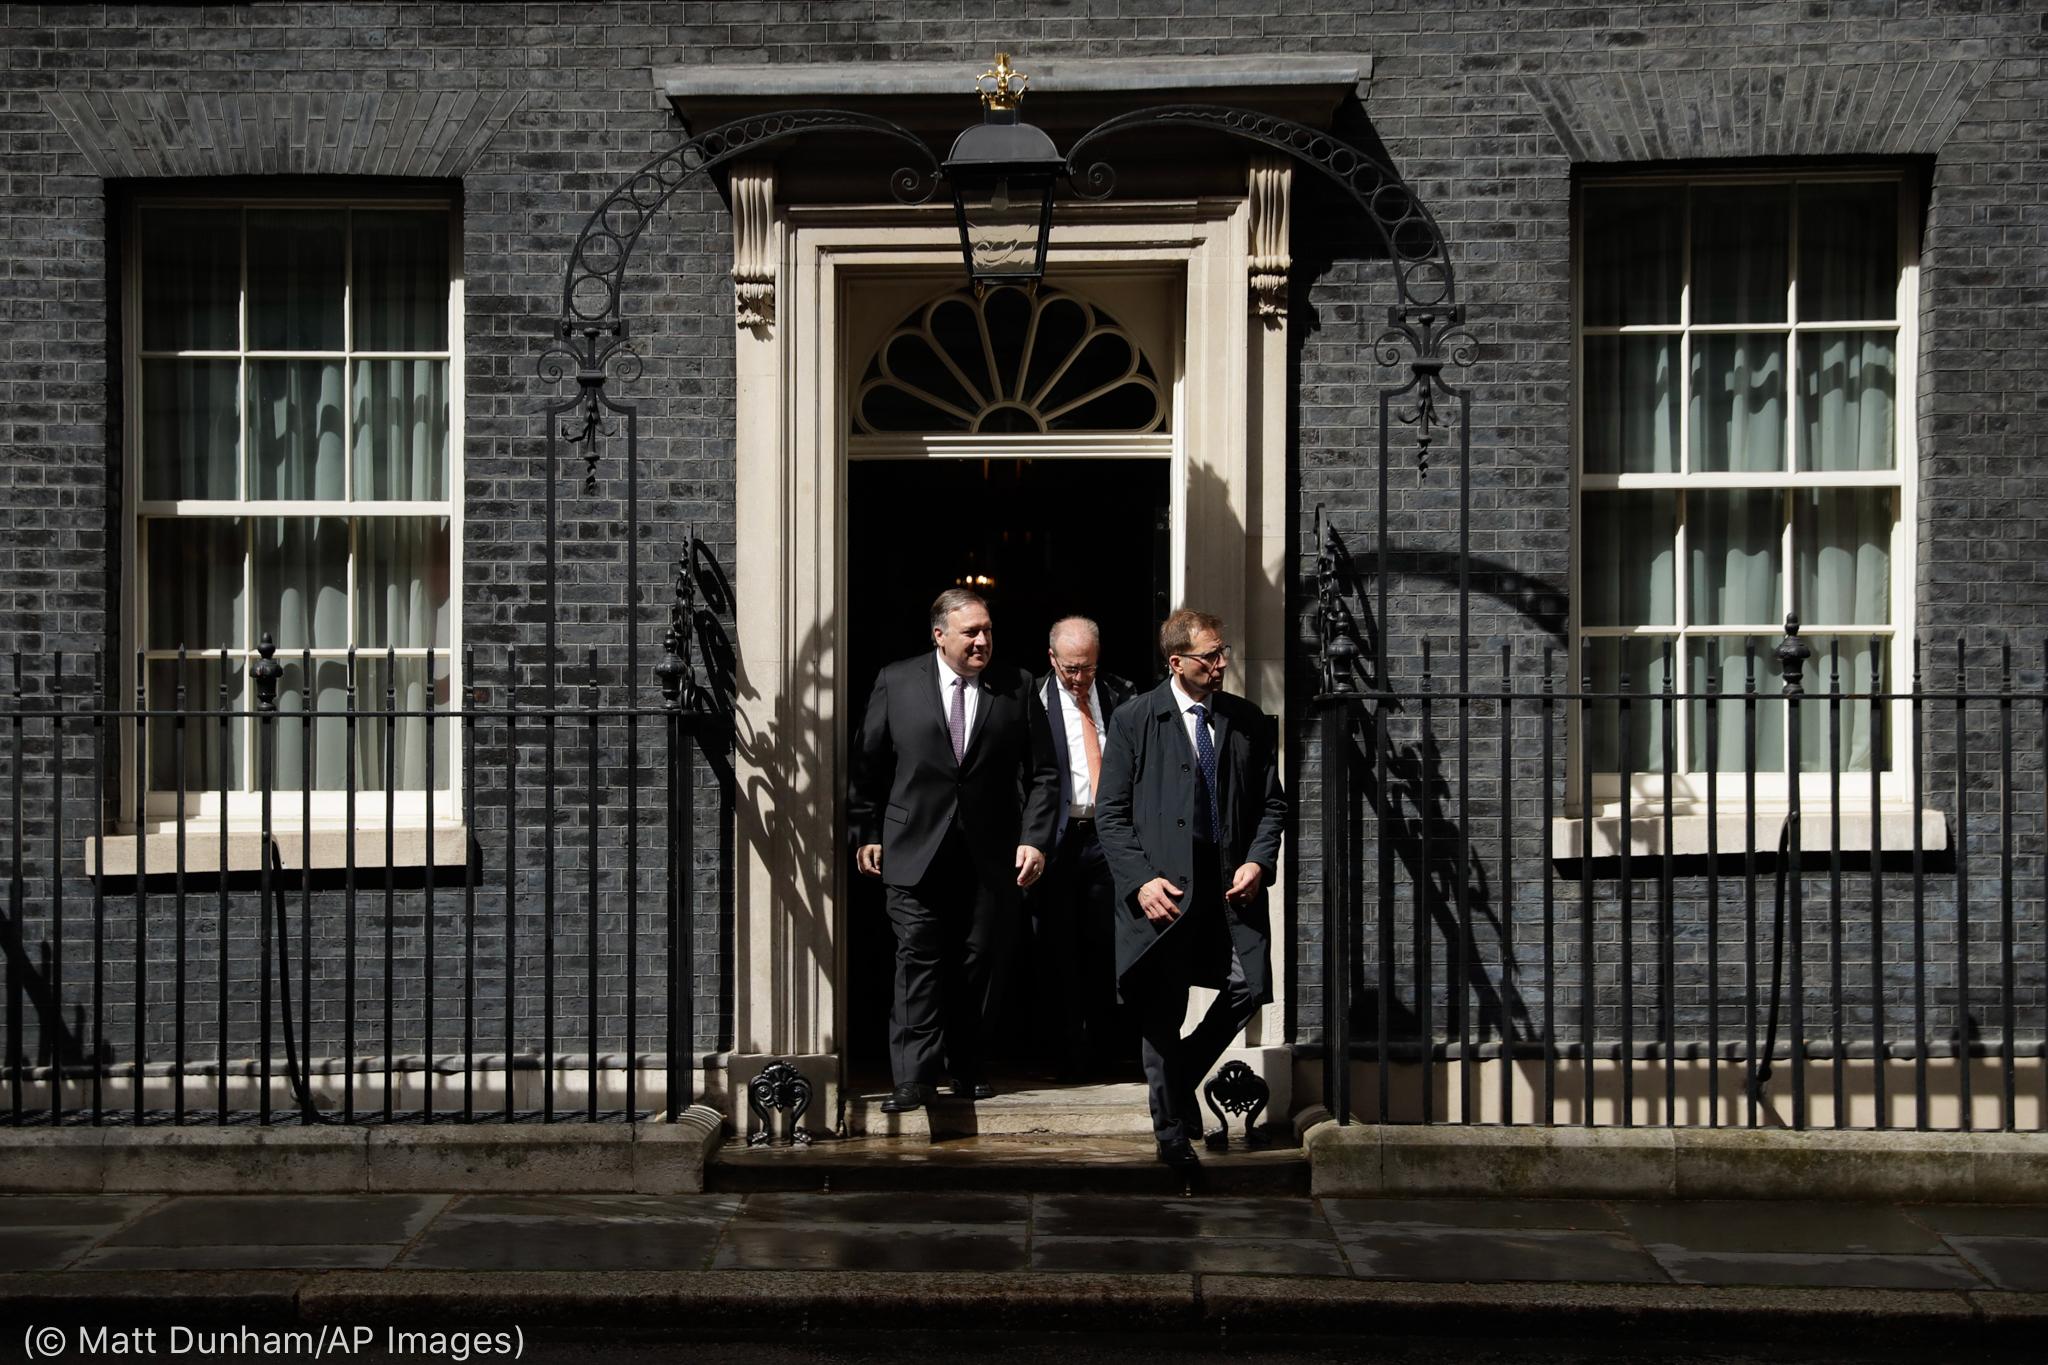 Três homens saindo de um edifício (© Matt Dunham/AP Images)